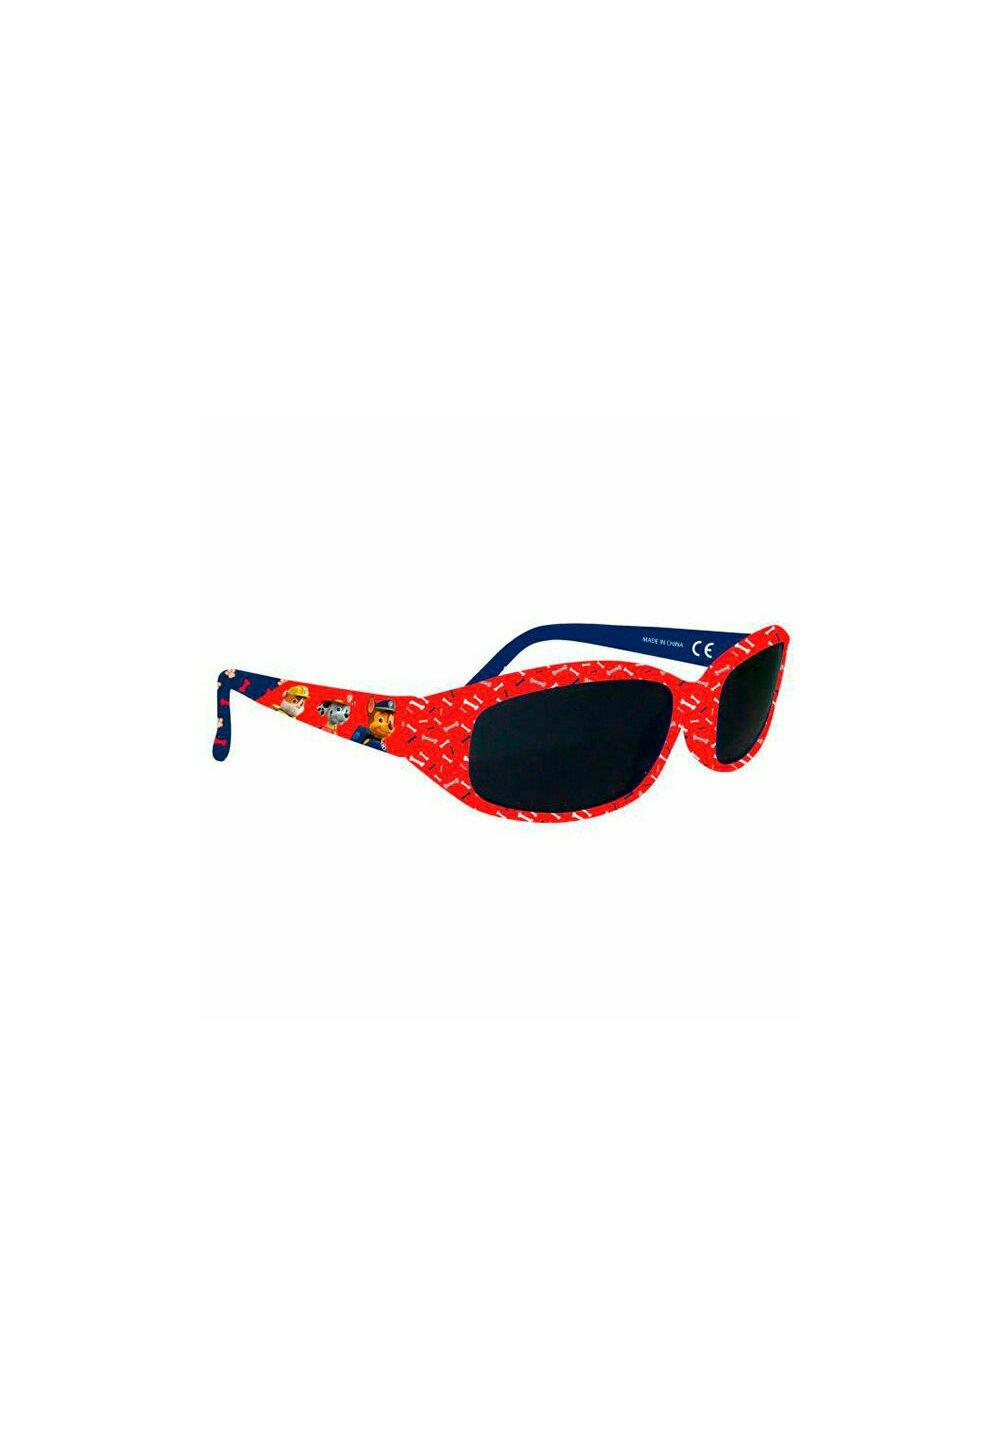 Ochelari de soare, Patrula catelusilor, rosii imagine